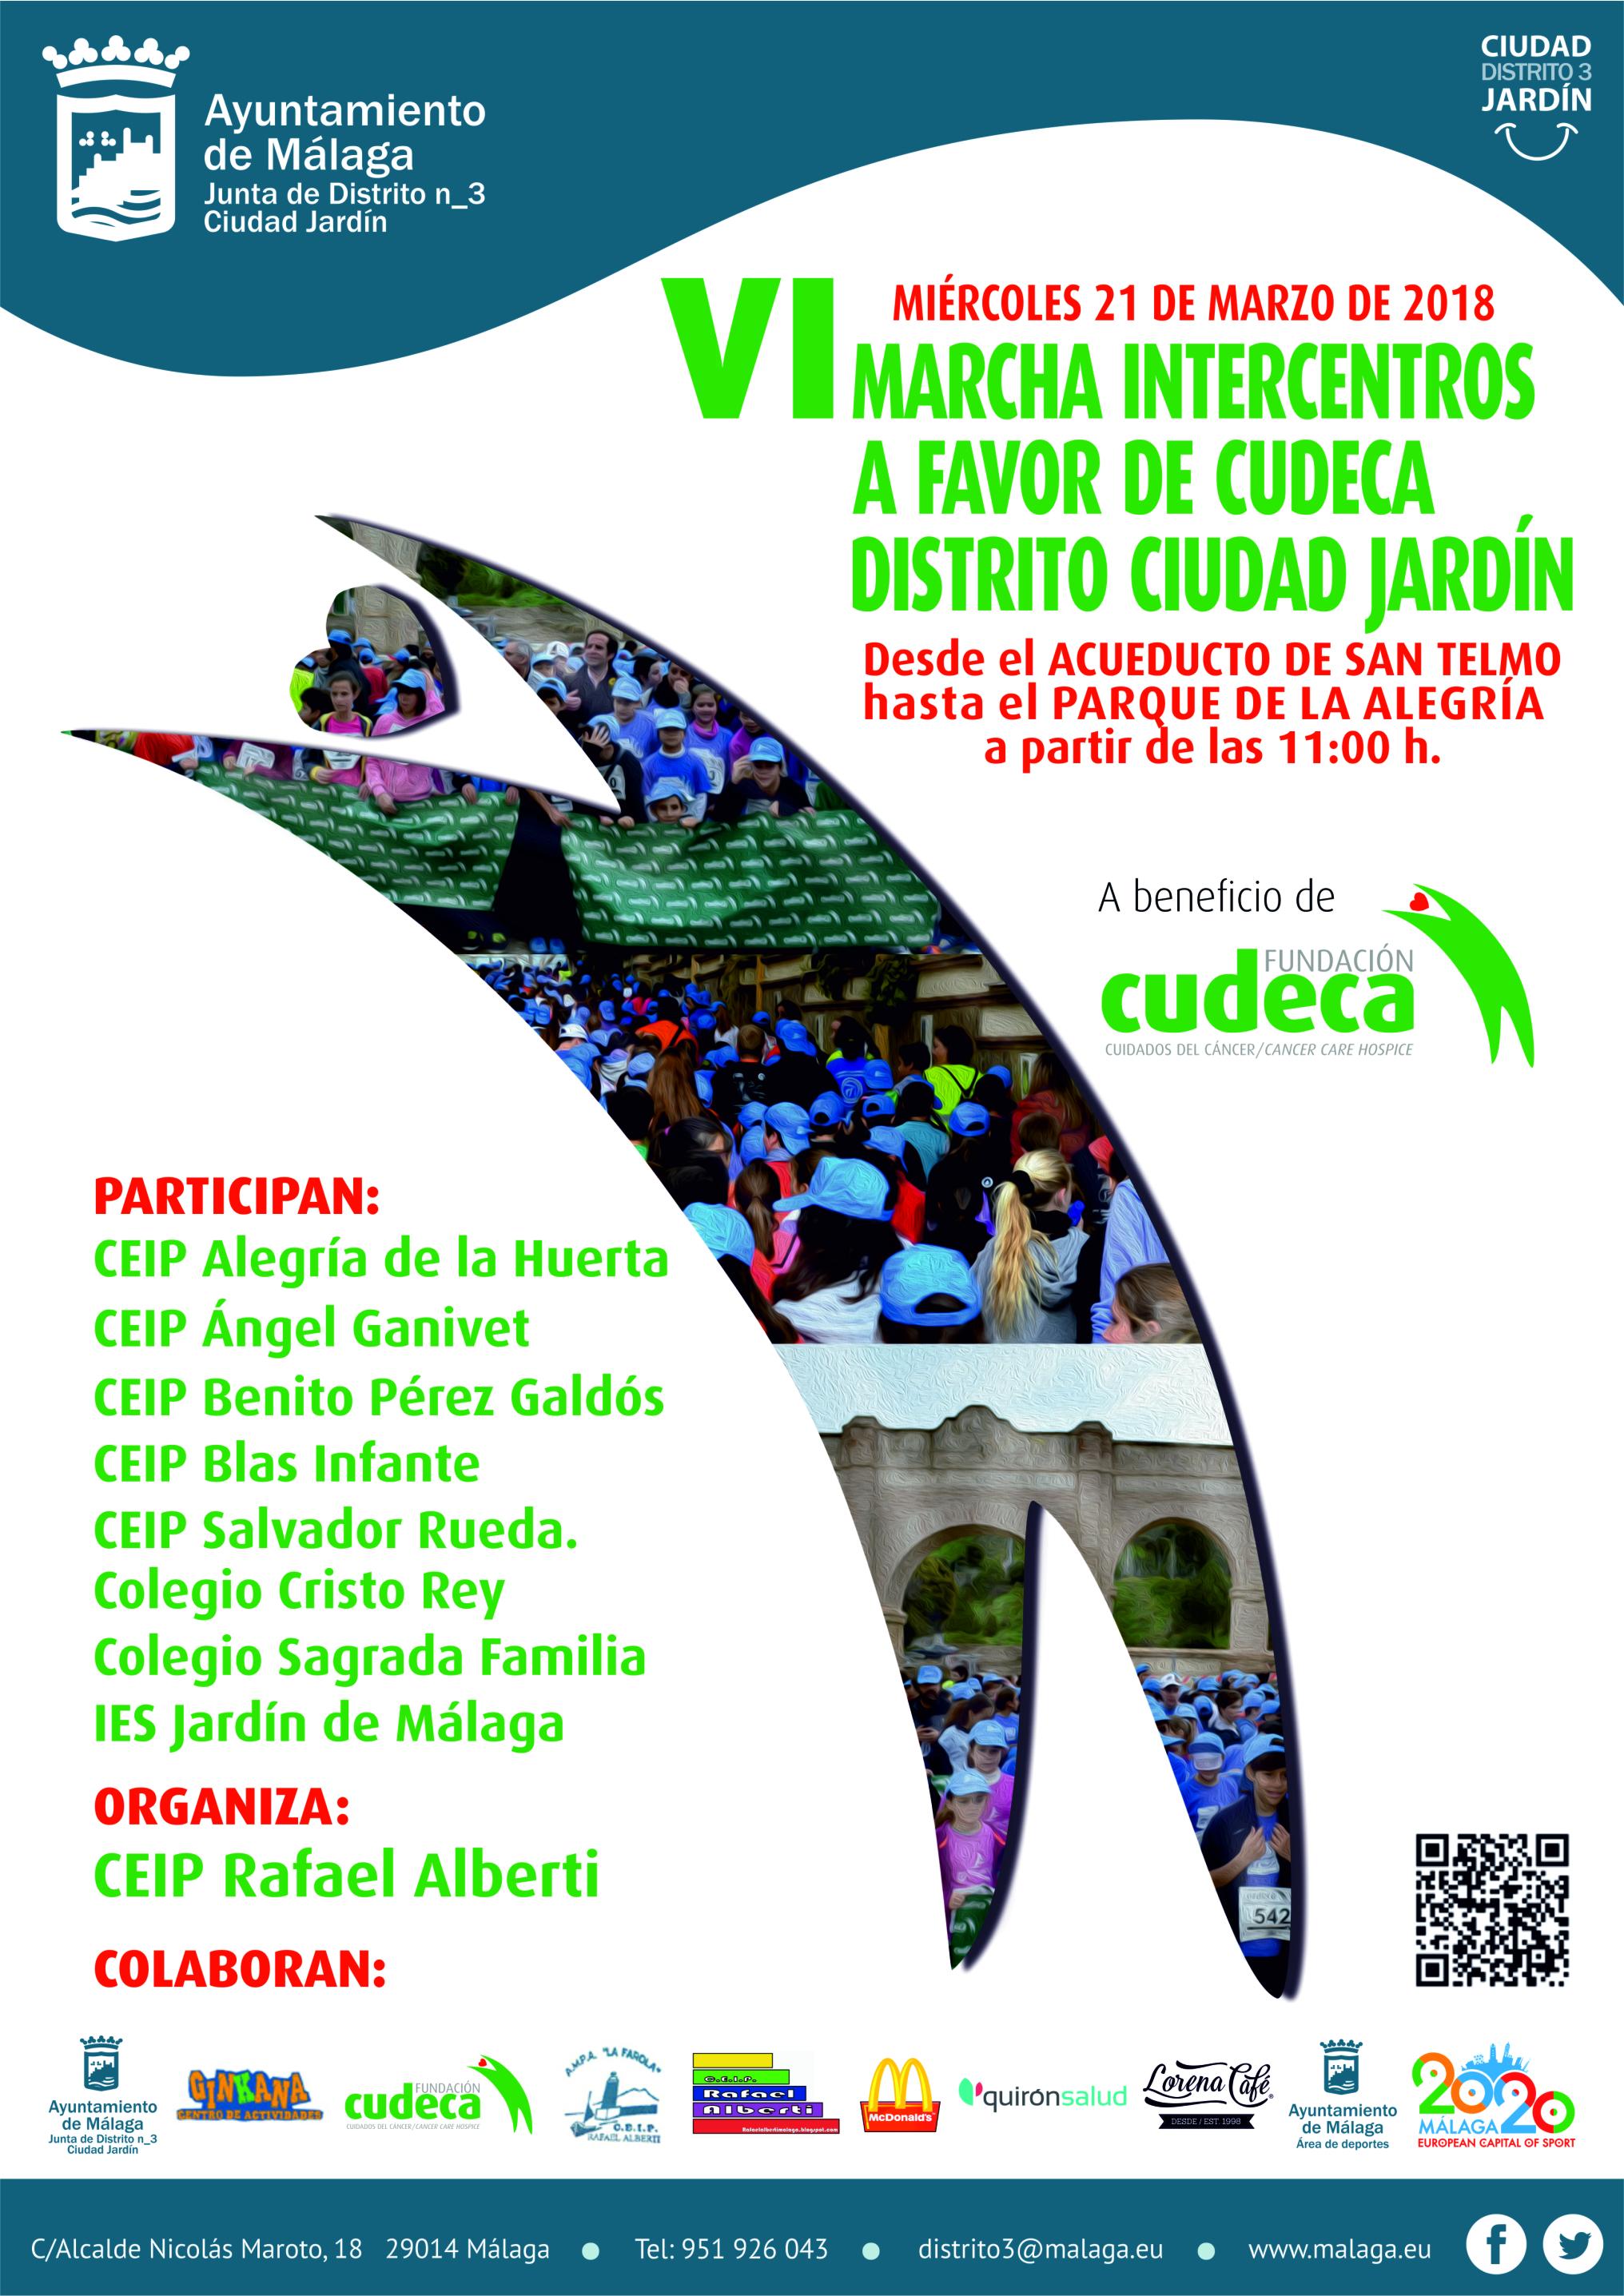 Vi marcha intercentros a beneficio de fundaci n cudeca for Ceip ciudad jardin